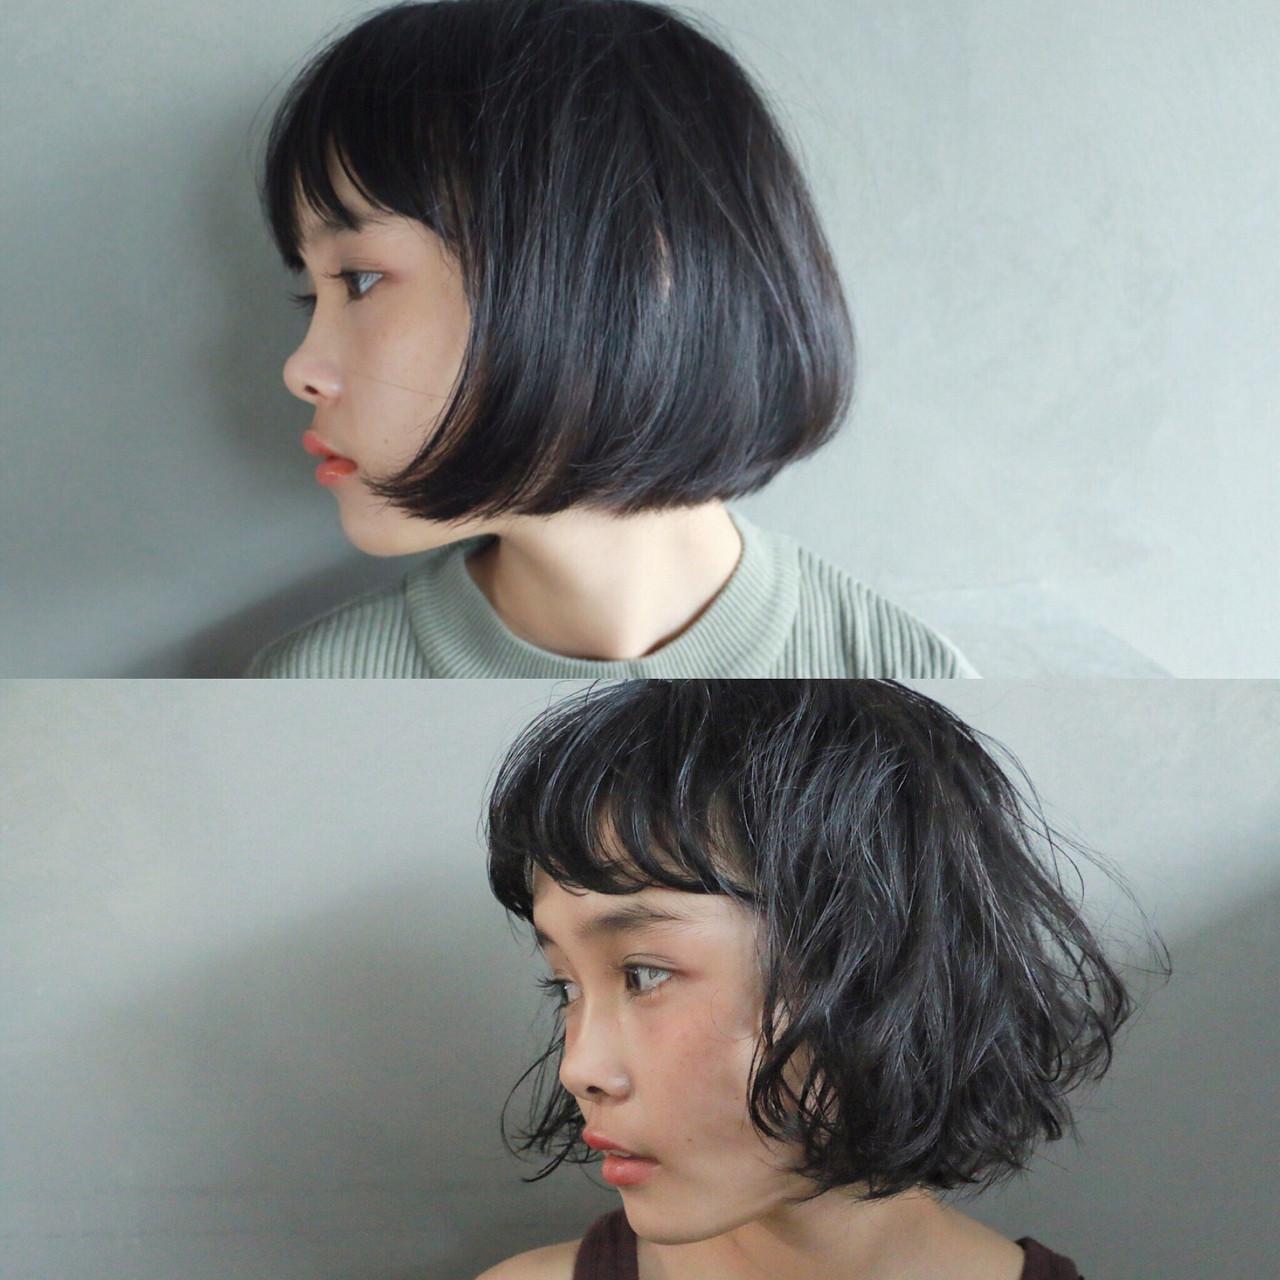 ぱっつんボブで大人可愛く!おすすめヘアスタイルと簡単スタイリング法